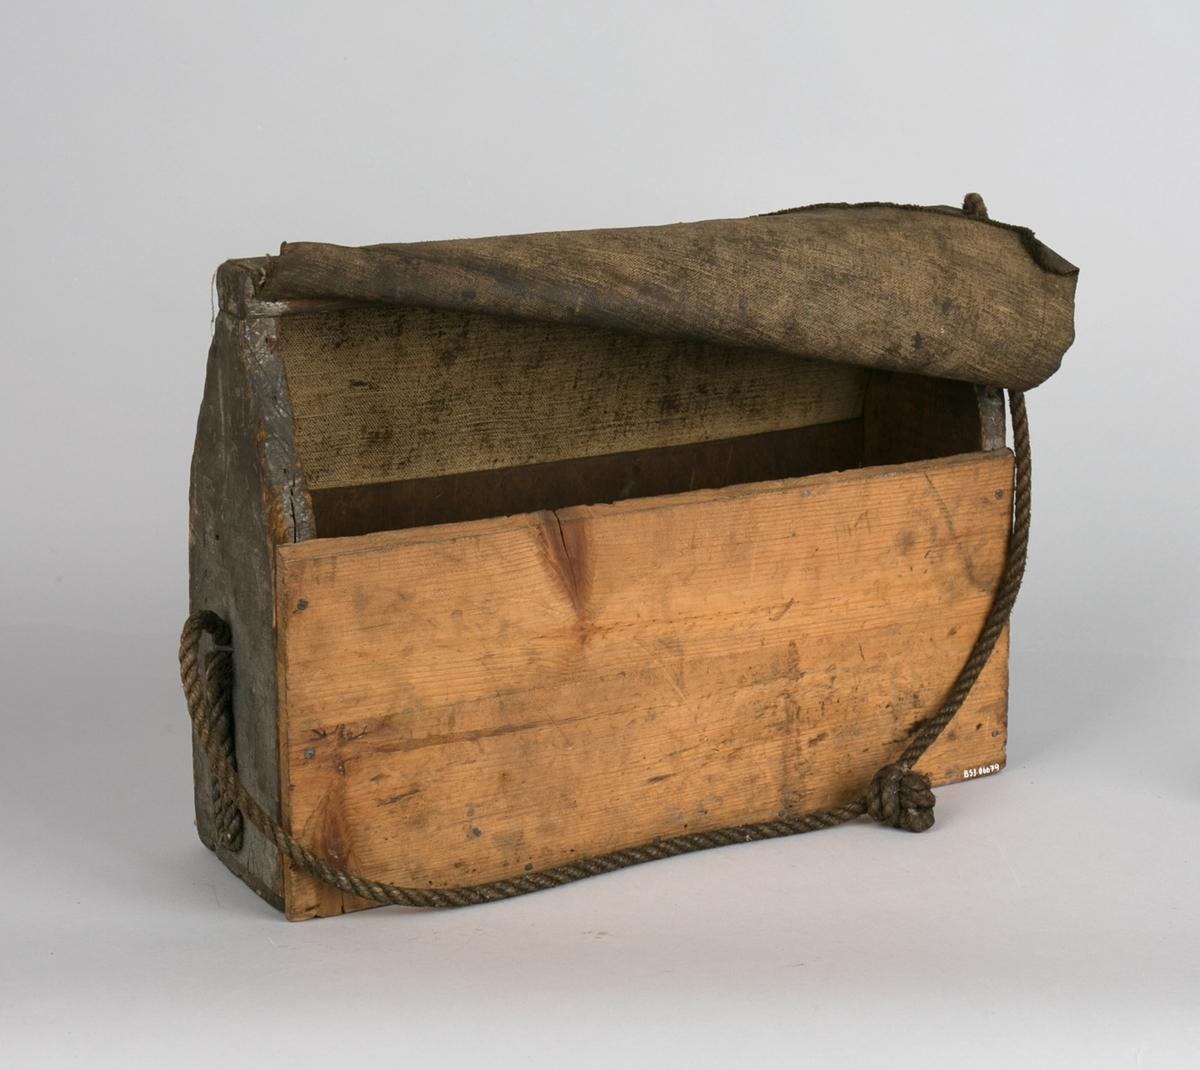 Verktøykasse i tre. Hjemmelaget med åpning i topp uten lokk, stoffstykke over åpning. Rektangulær med hank samt hampetau for å bære over skulder.